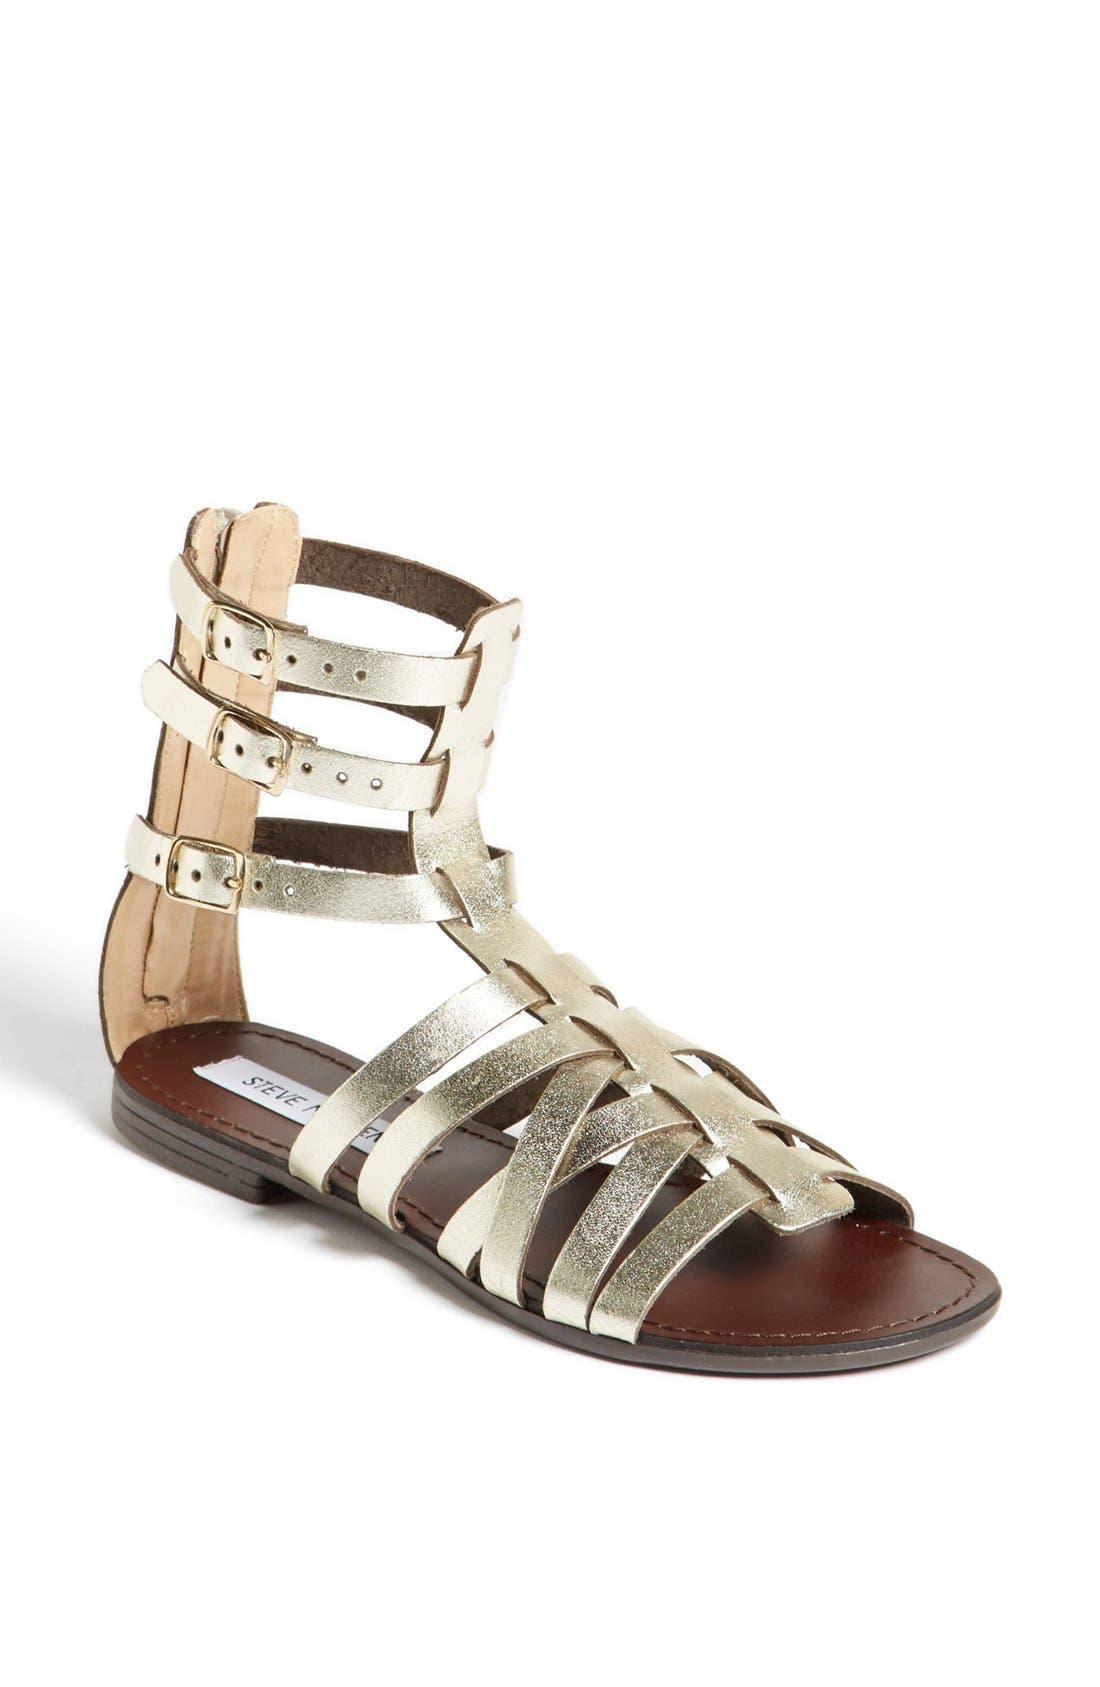 Alternate Image 1 Selected - Steve Madden 'Plato' Sandal